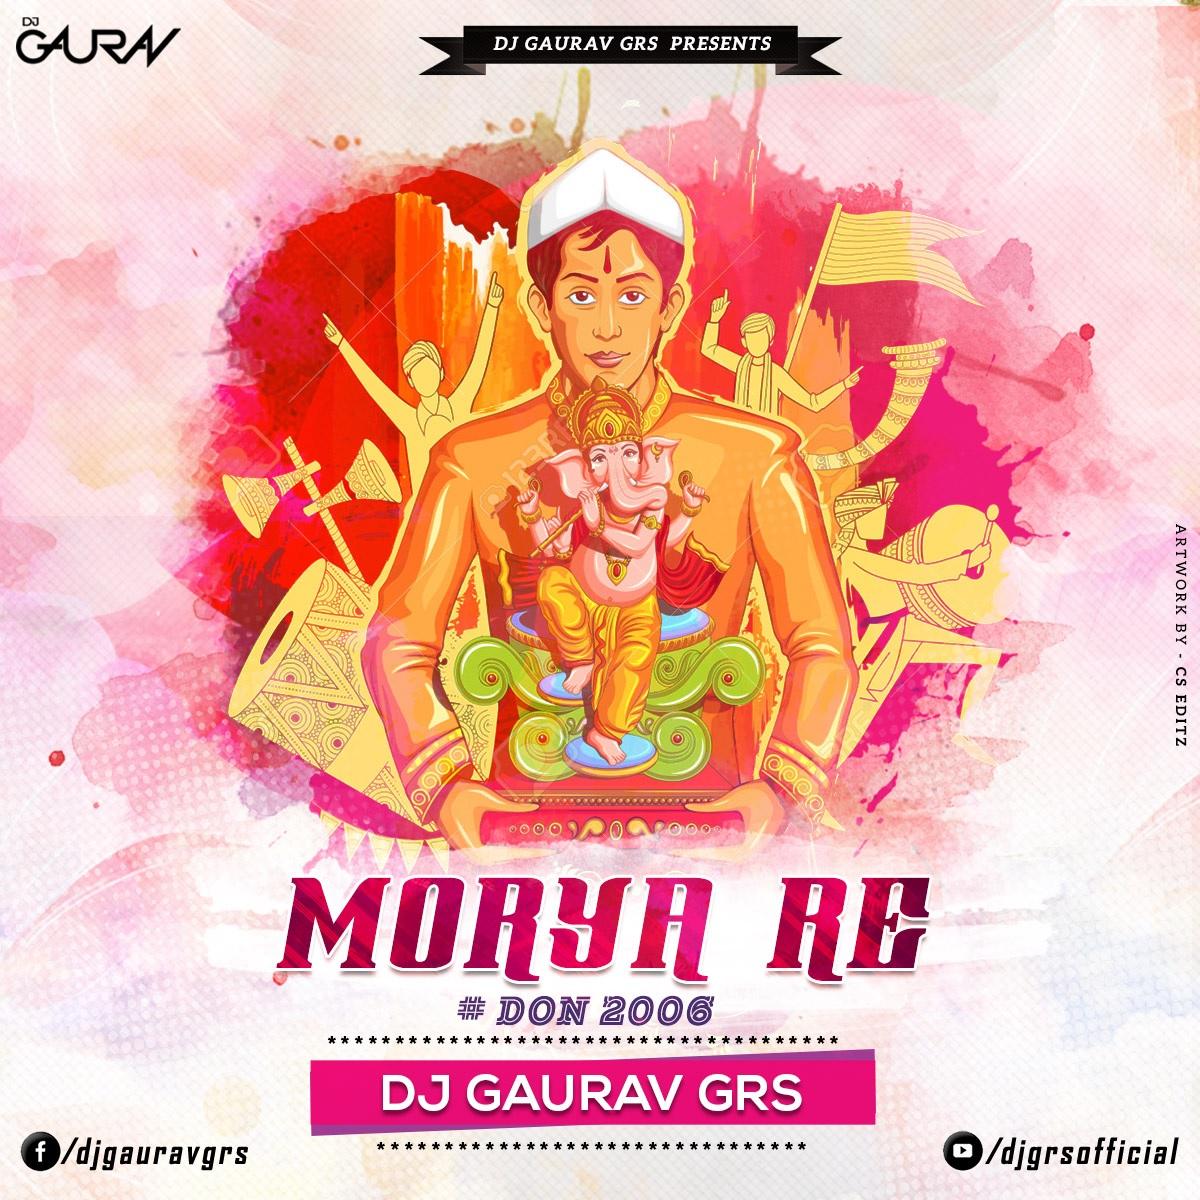 Bhagwa Rang Dj: Chhattisgarh DJ India